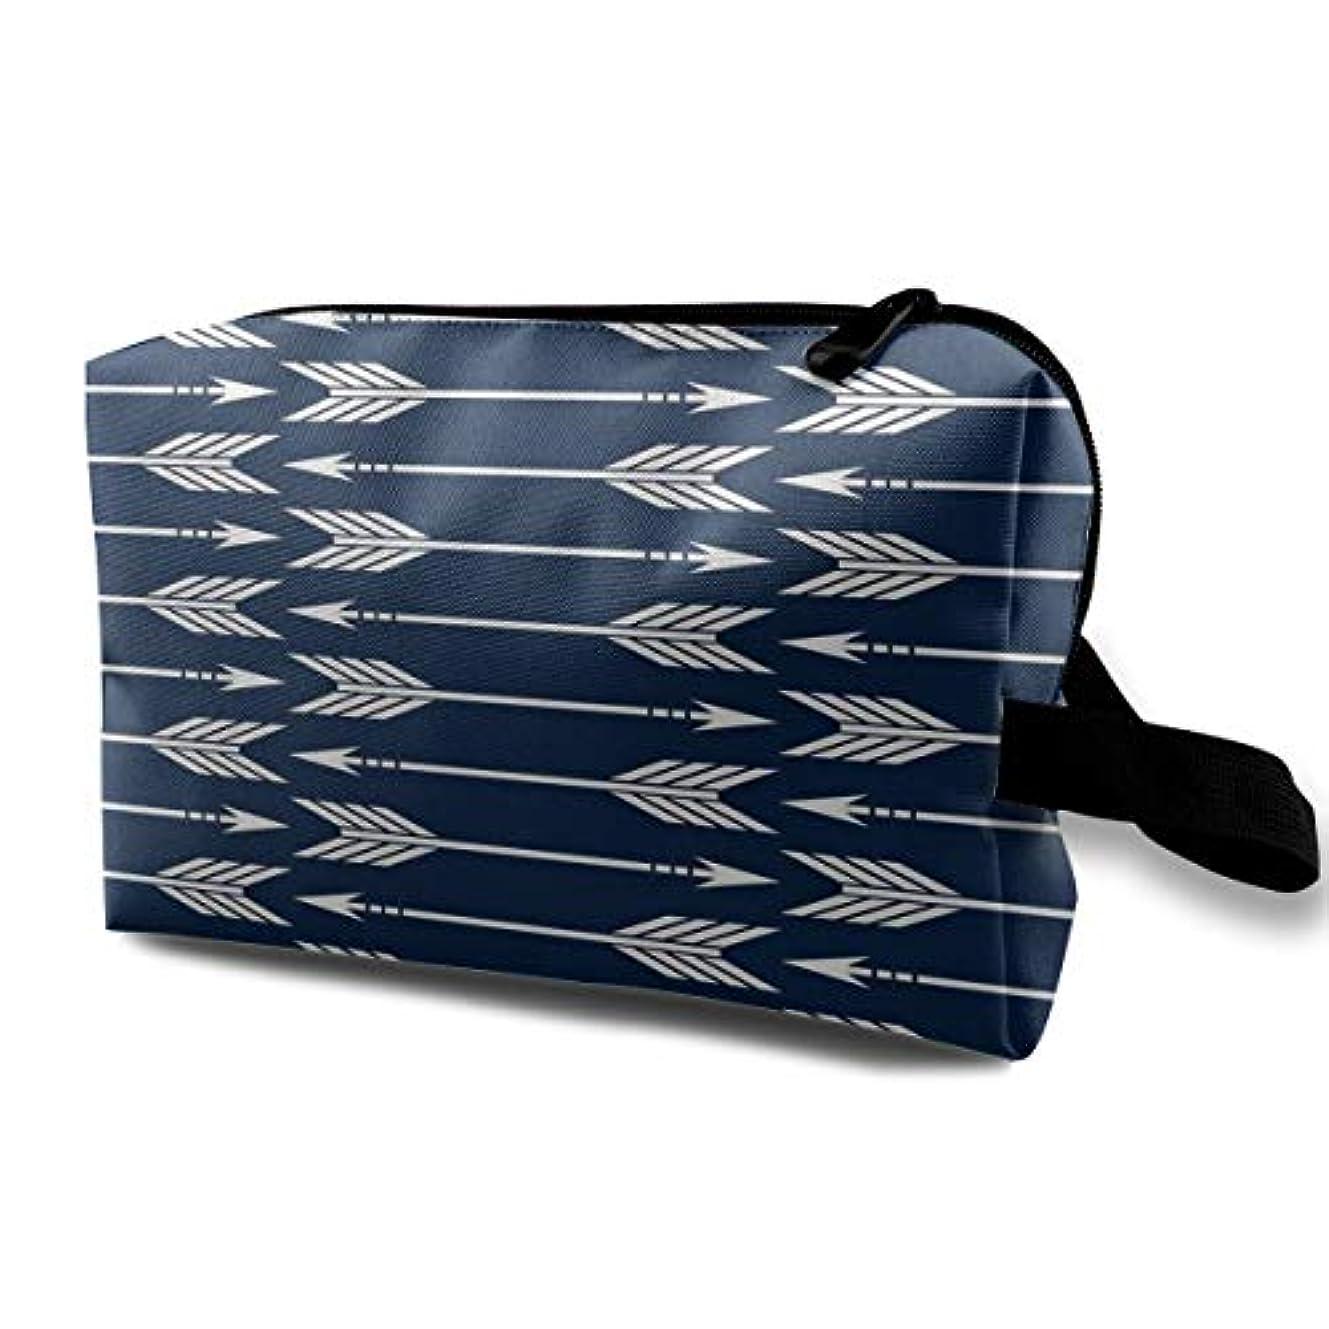 デモンストレーションスーツケース徒歩でArrows Navy 収納ポーチ 化粧ポーチ 大容量 軽量 耐久性 ハンドル付持ち運び便利。入れ 自宅?出張?旅行?アウトドア撮影などに対応。メンズ レディース トラベルグッズ